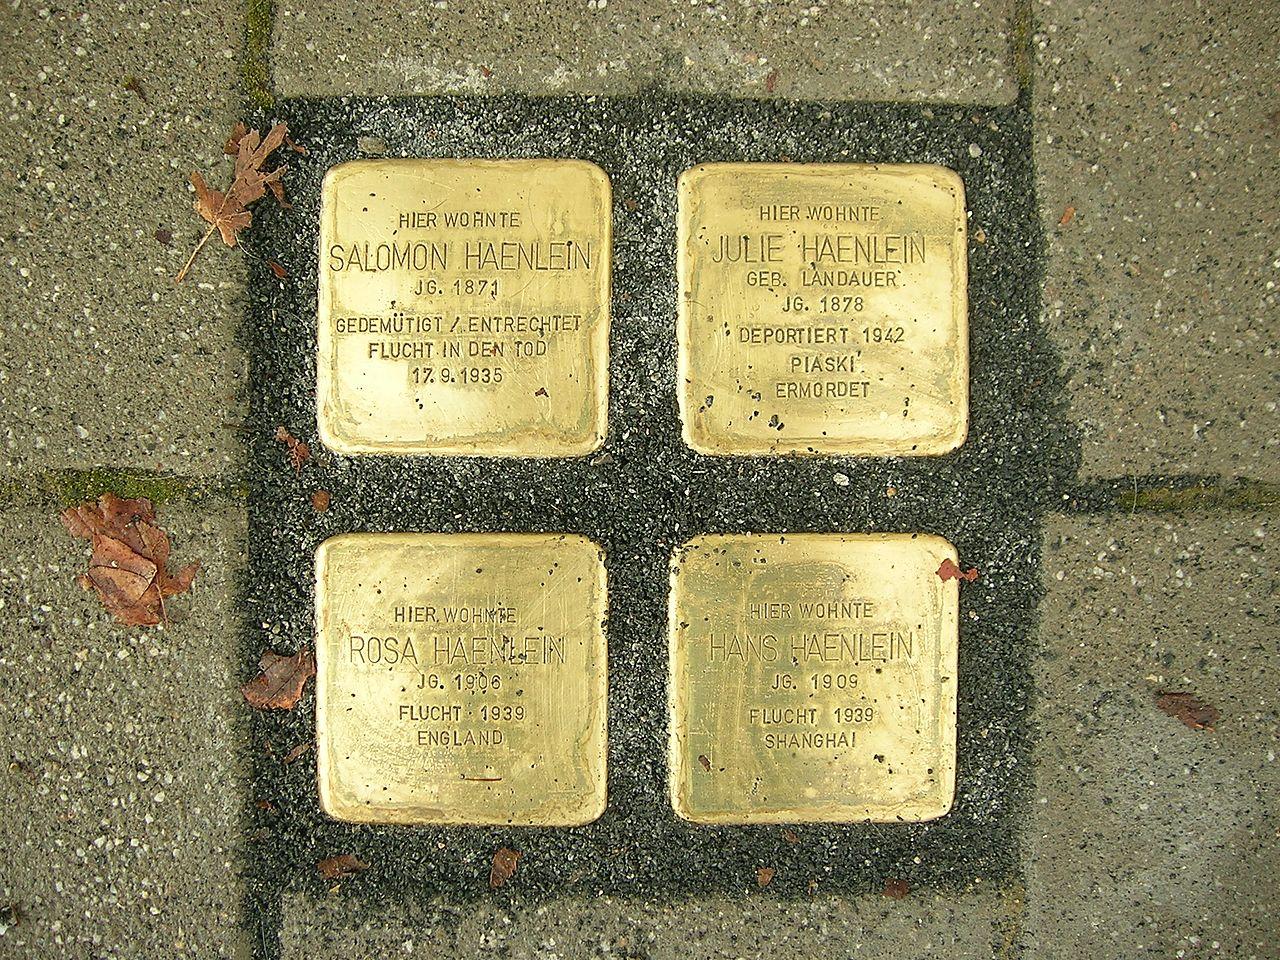 Am Graben 21 Eichstätt -Stolpersteine Haenlein